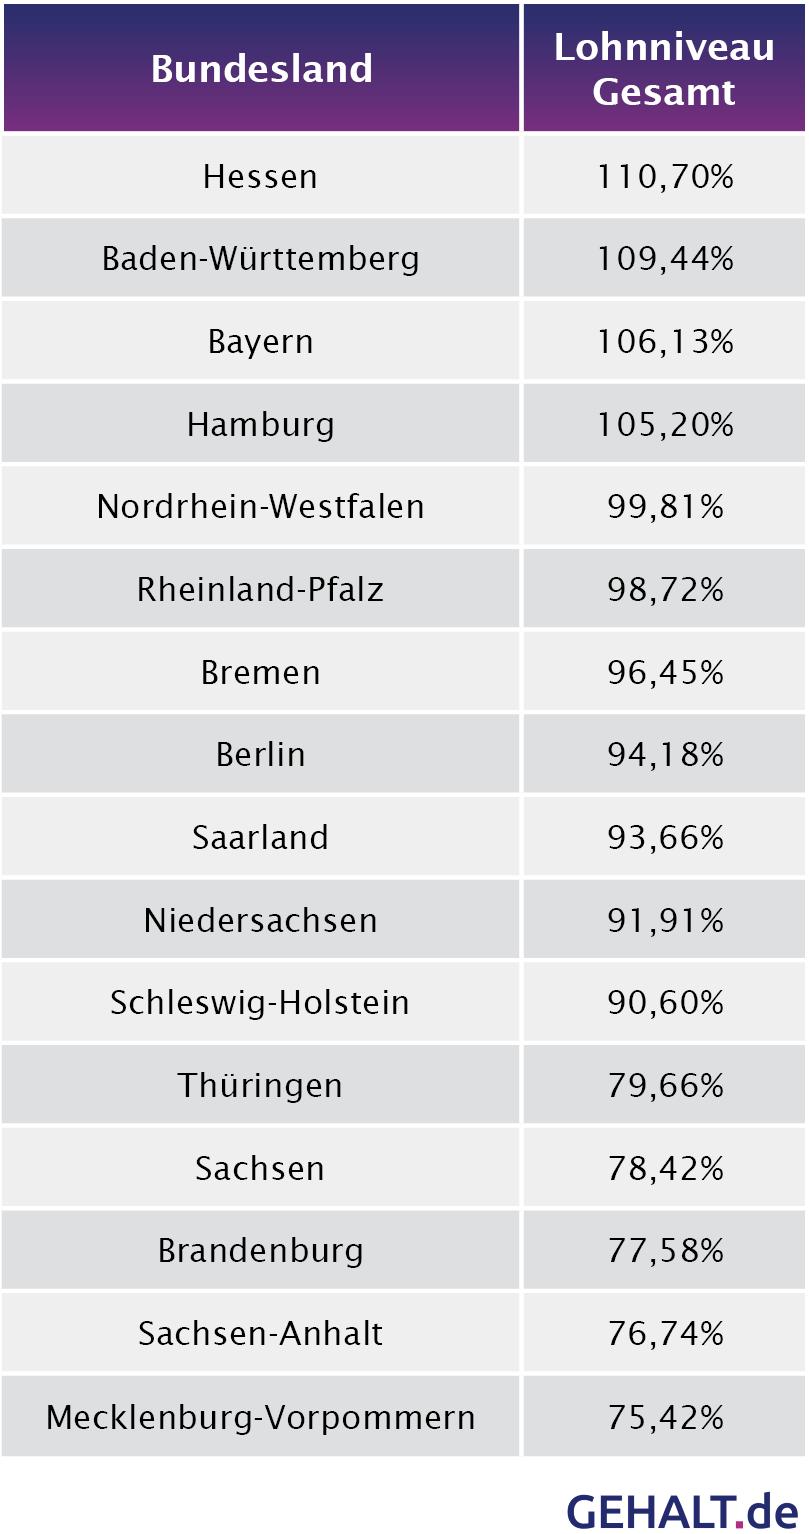 Das Lohnniveau in Deutschland - Bundeslandranking